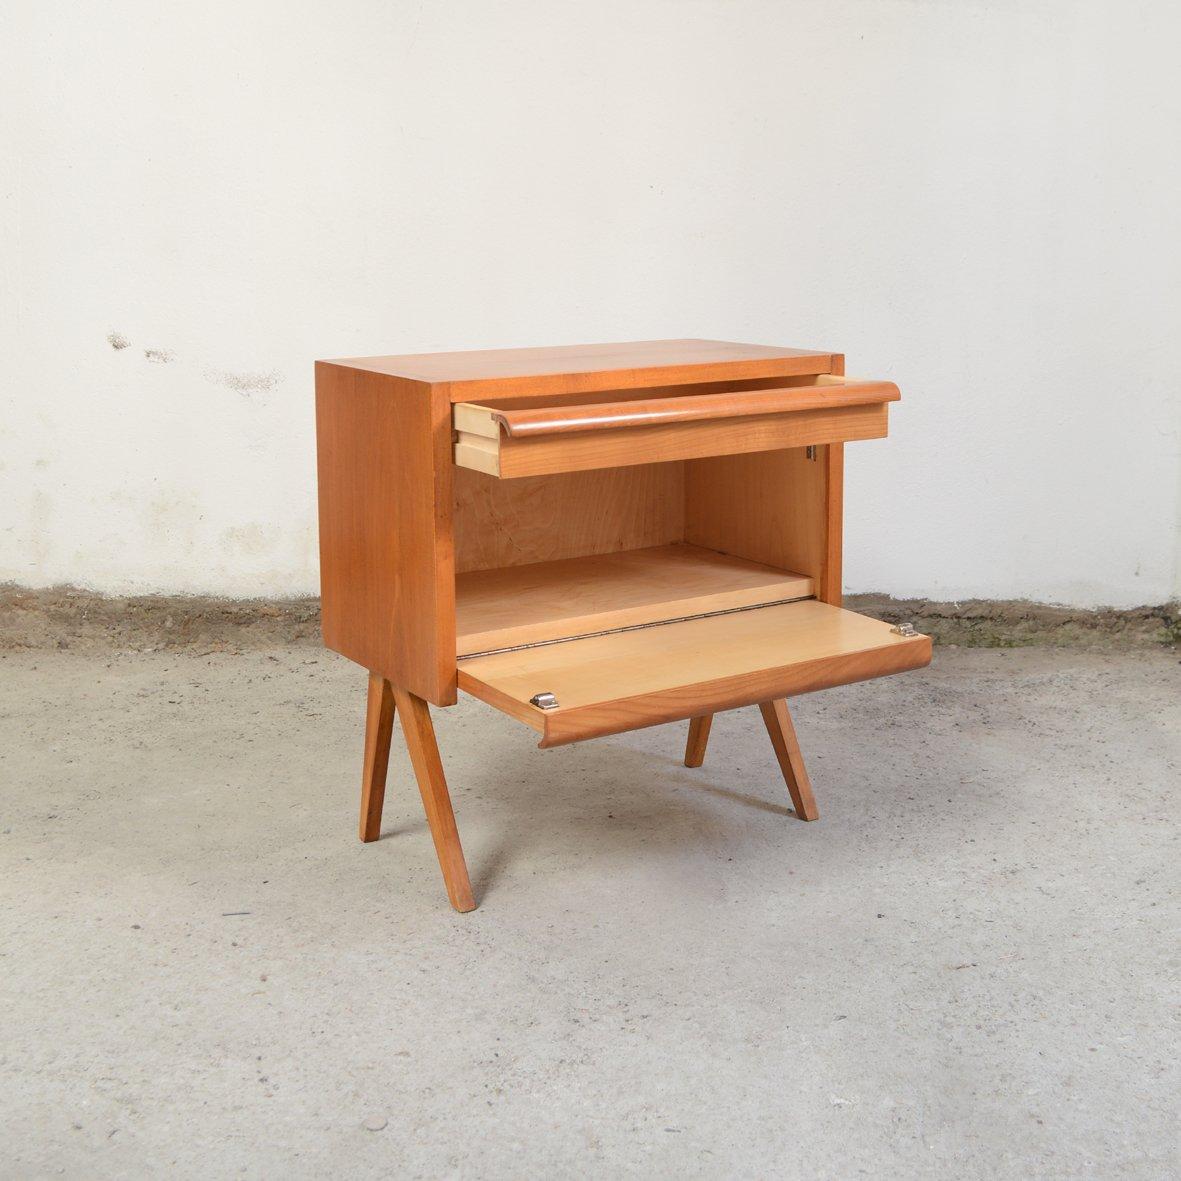 petit meuble en bois avec pieds compas 1960s en vente sur pamono. Black Bedroom Furniture Sets. Home Design Ideas